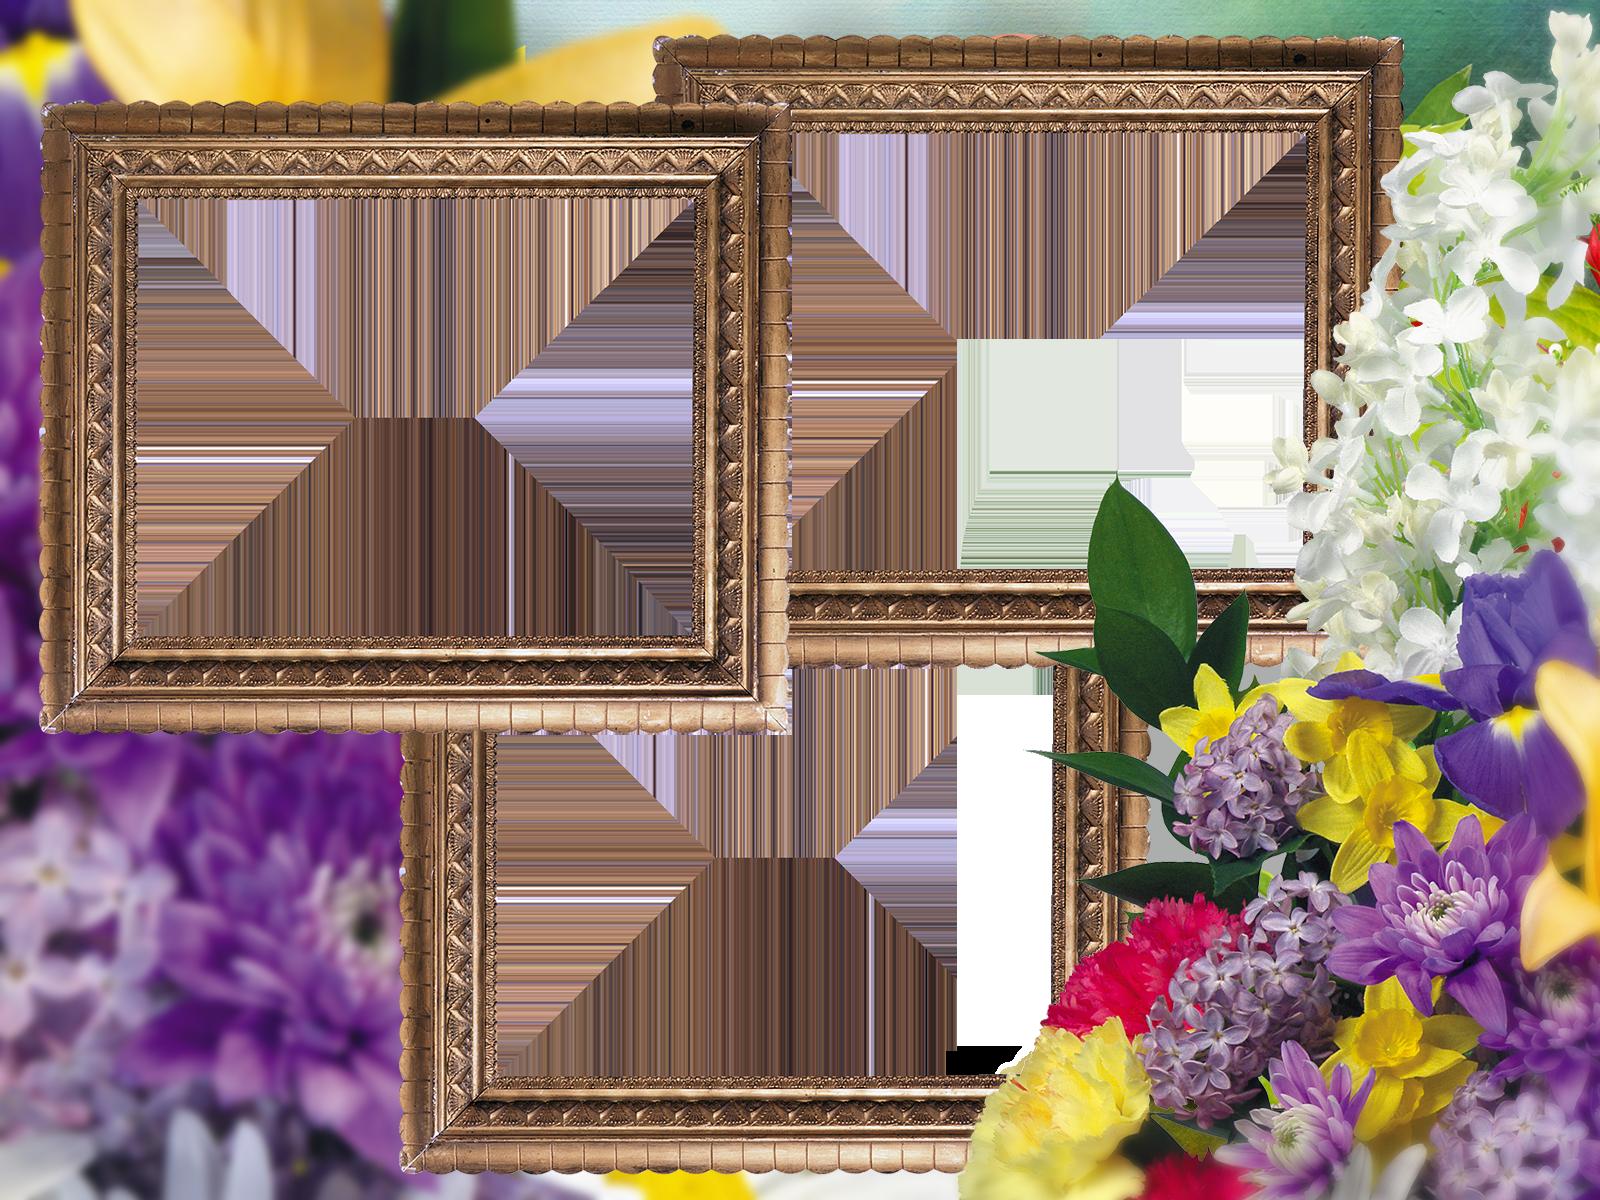 изменение рамок фотографии останков